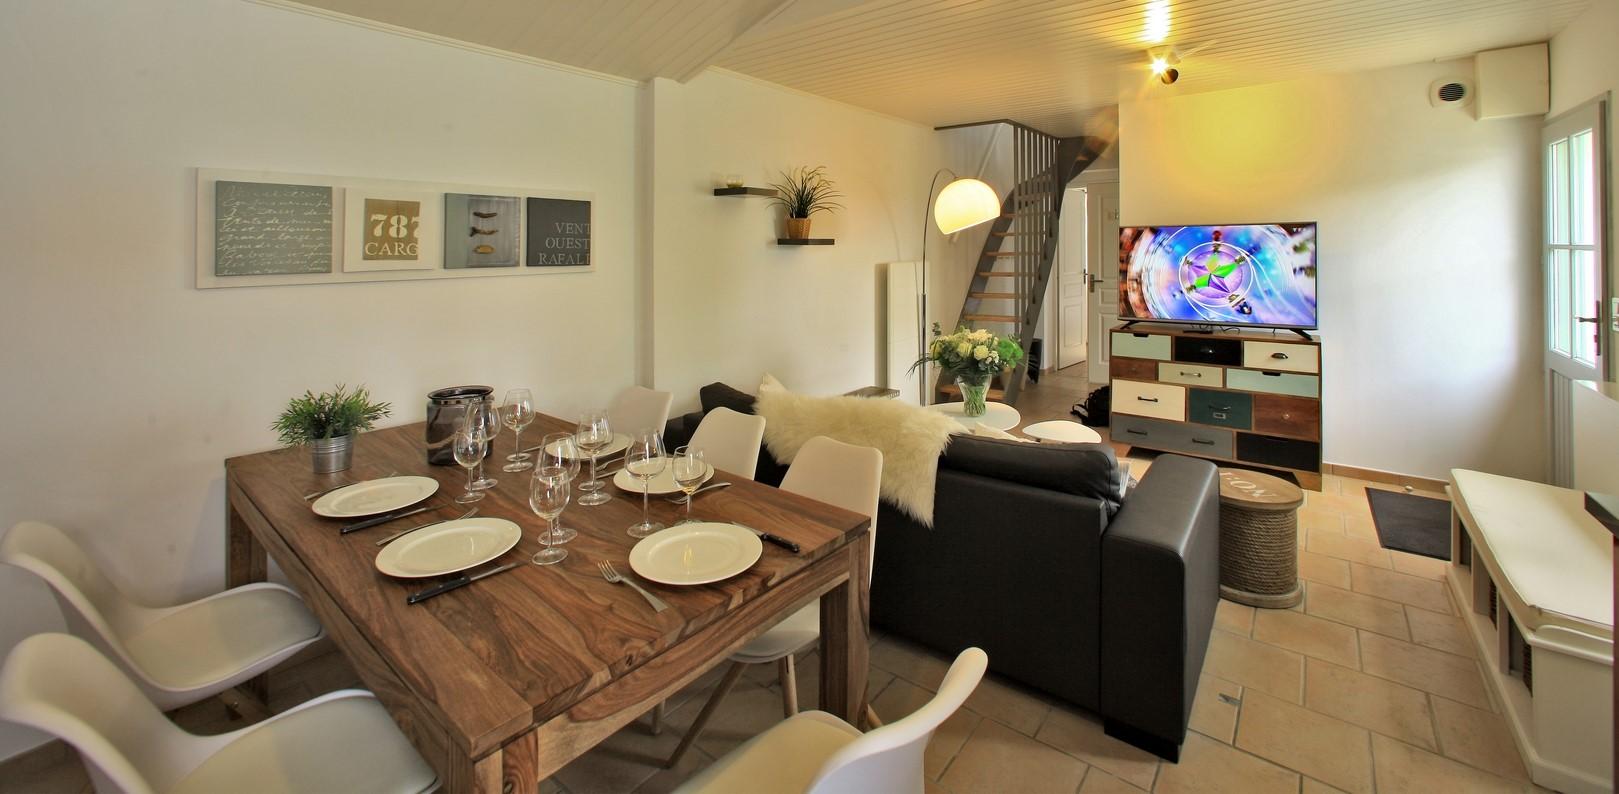 Table à manger séjour location 29